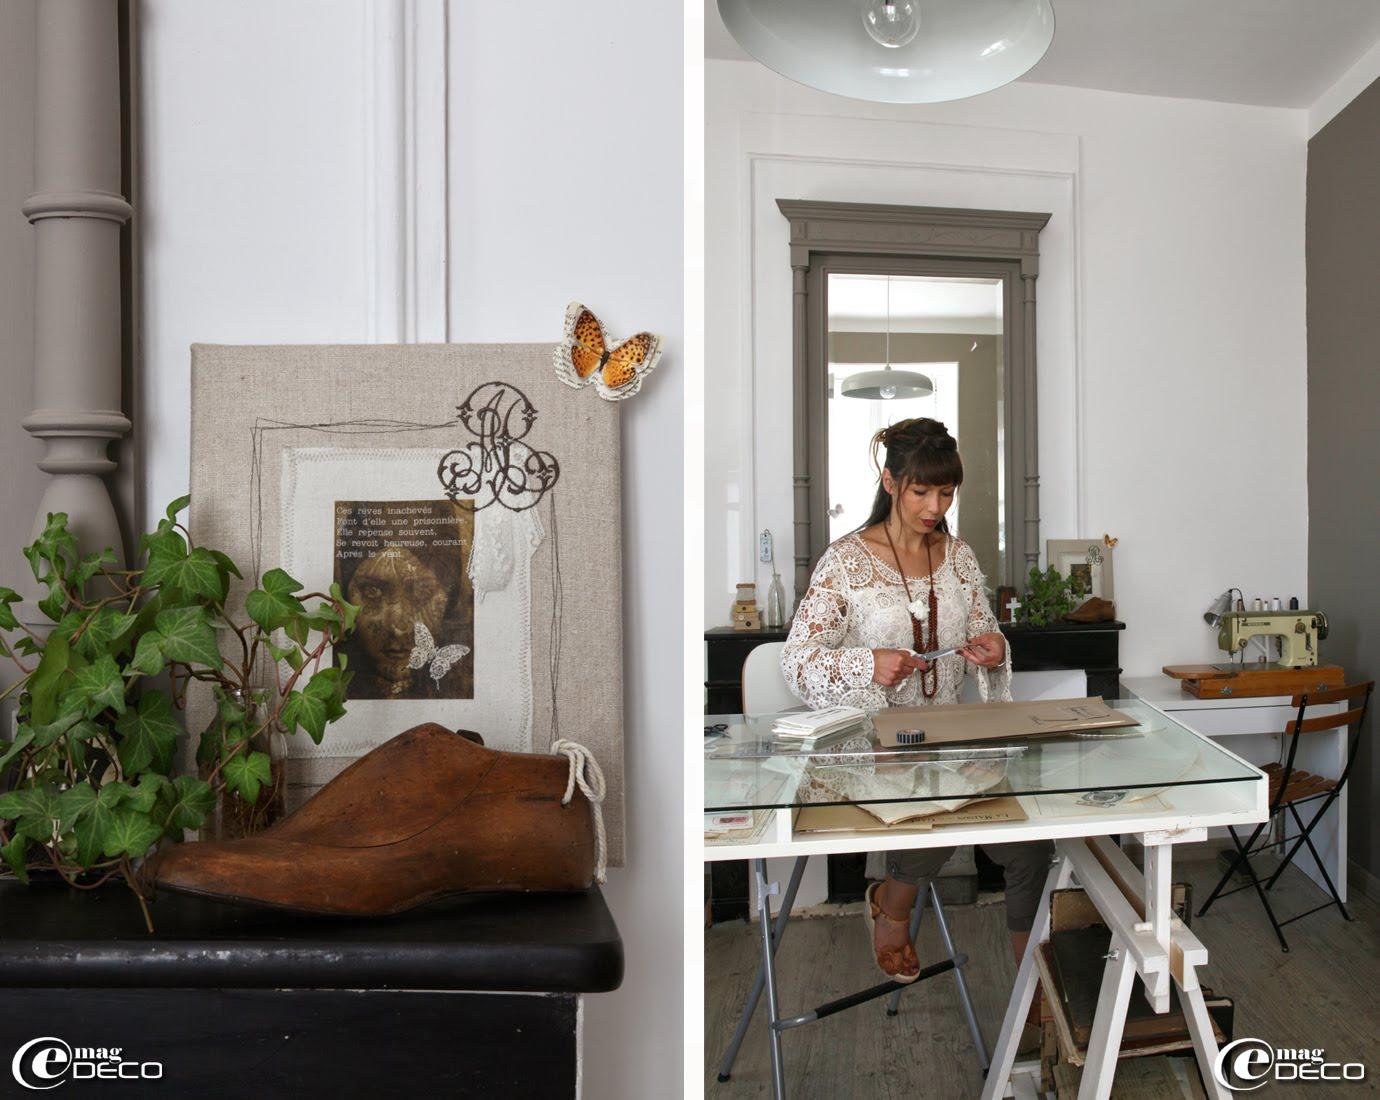 set de table ph m re e magdeco magazine de d coration. Black Bedroom Furniture Sets. Home Design Ideas